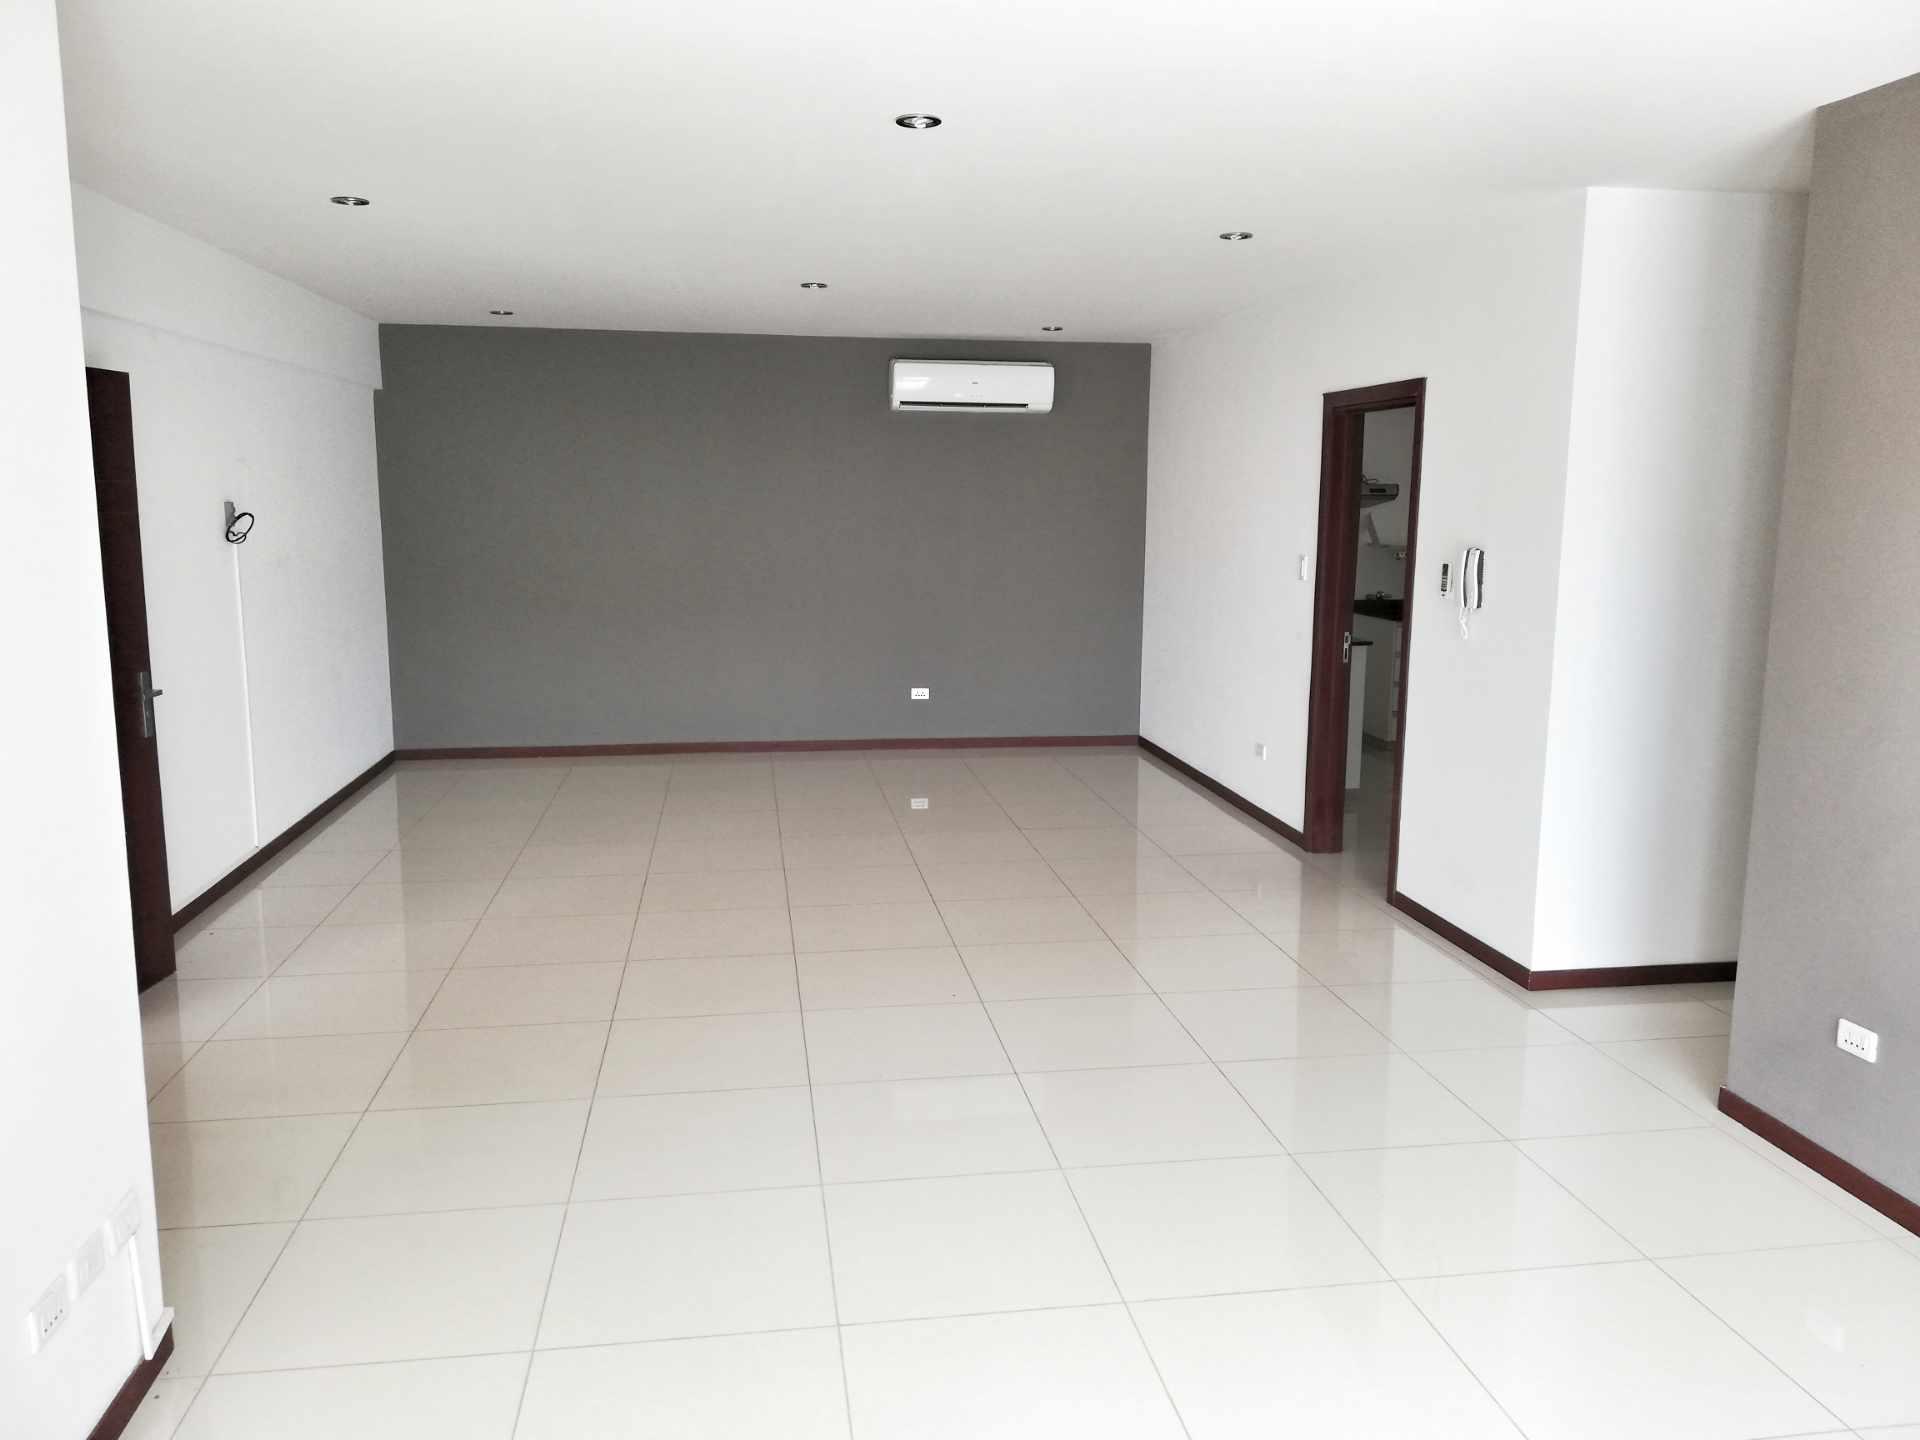 Departamento en Alquiler CONDOMINIO SANTA LUCIA / BARRIO LAS PALMAS Foto 6